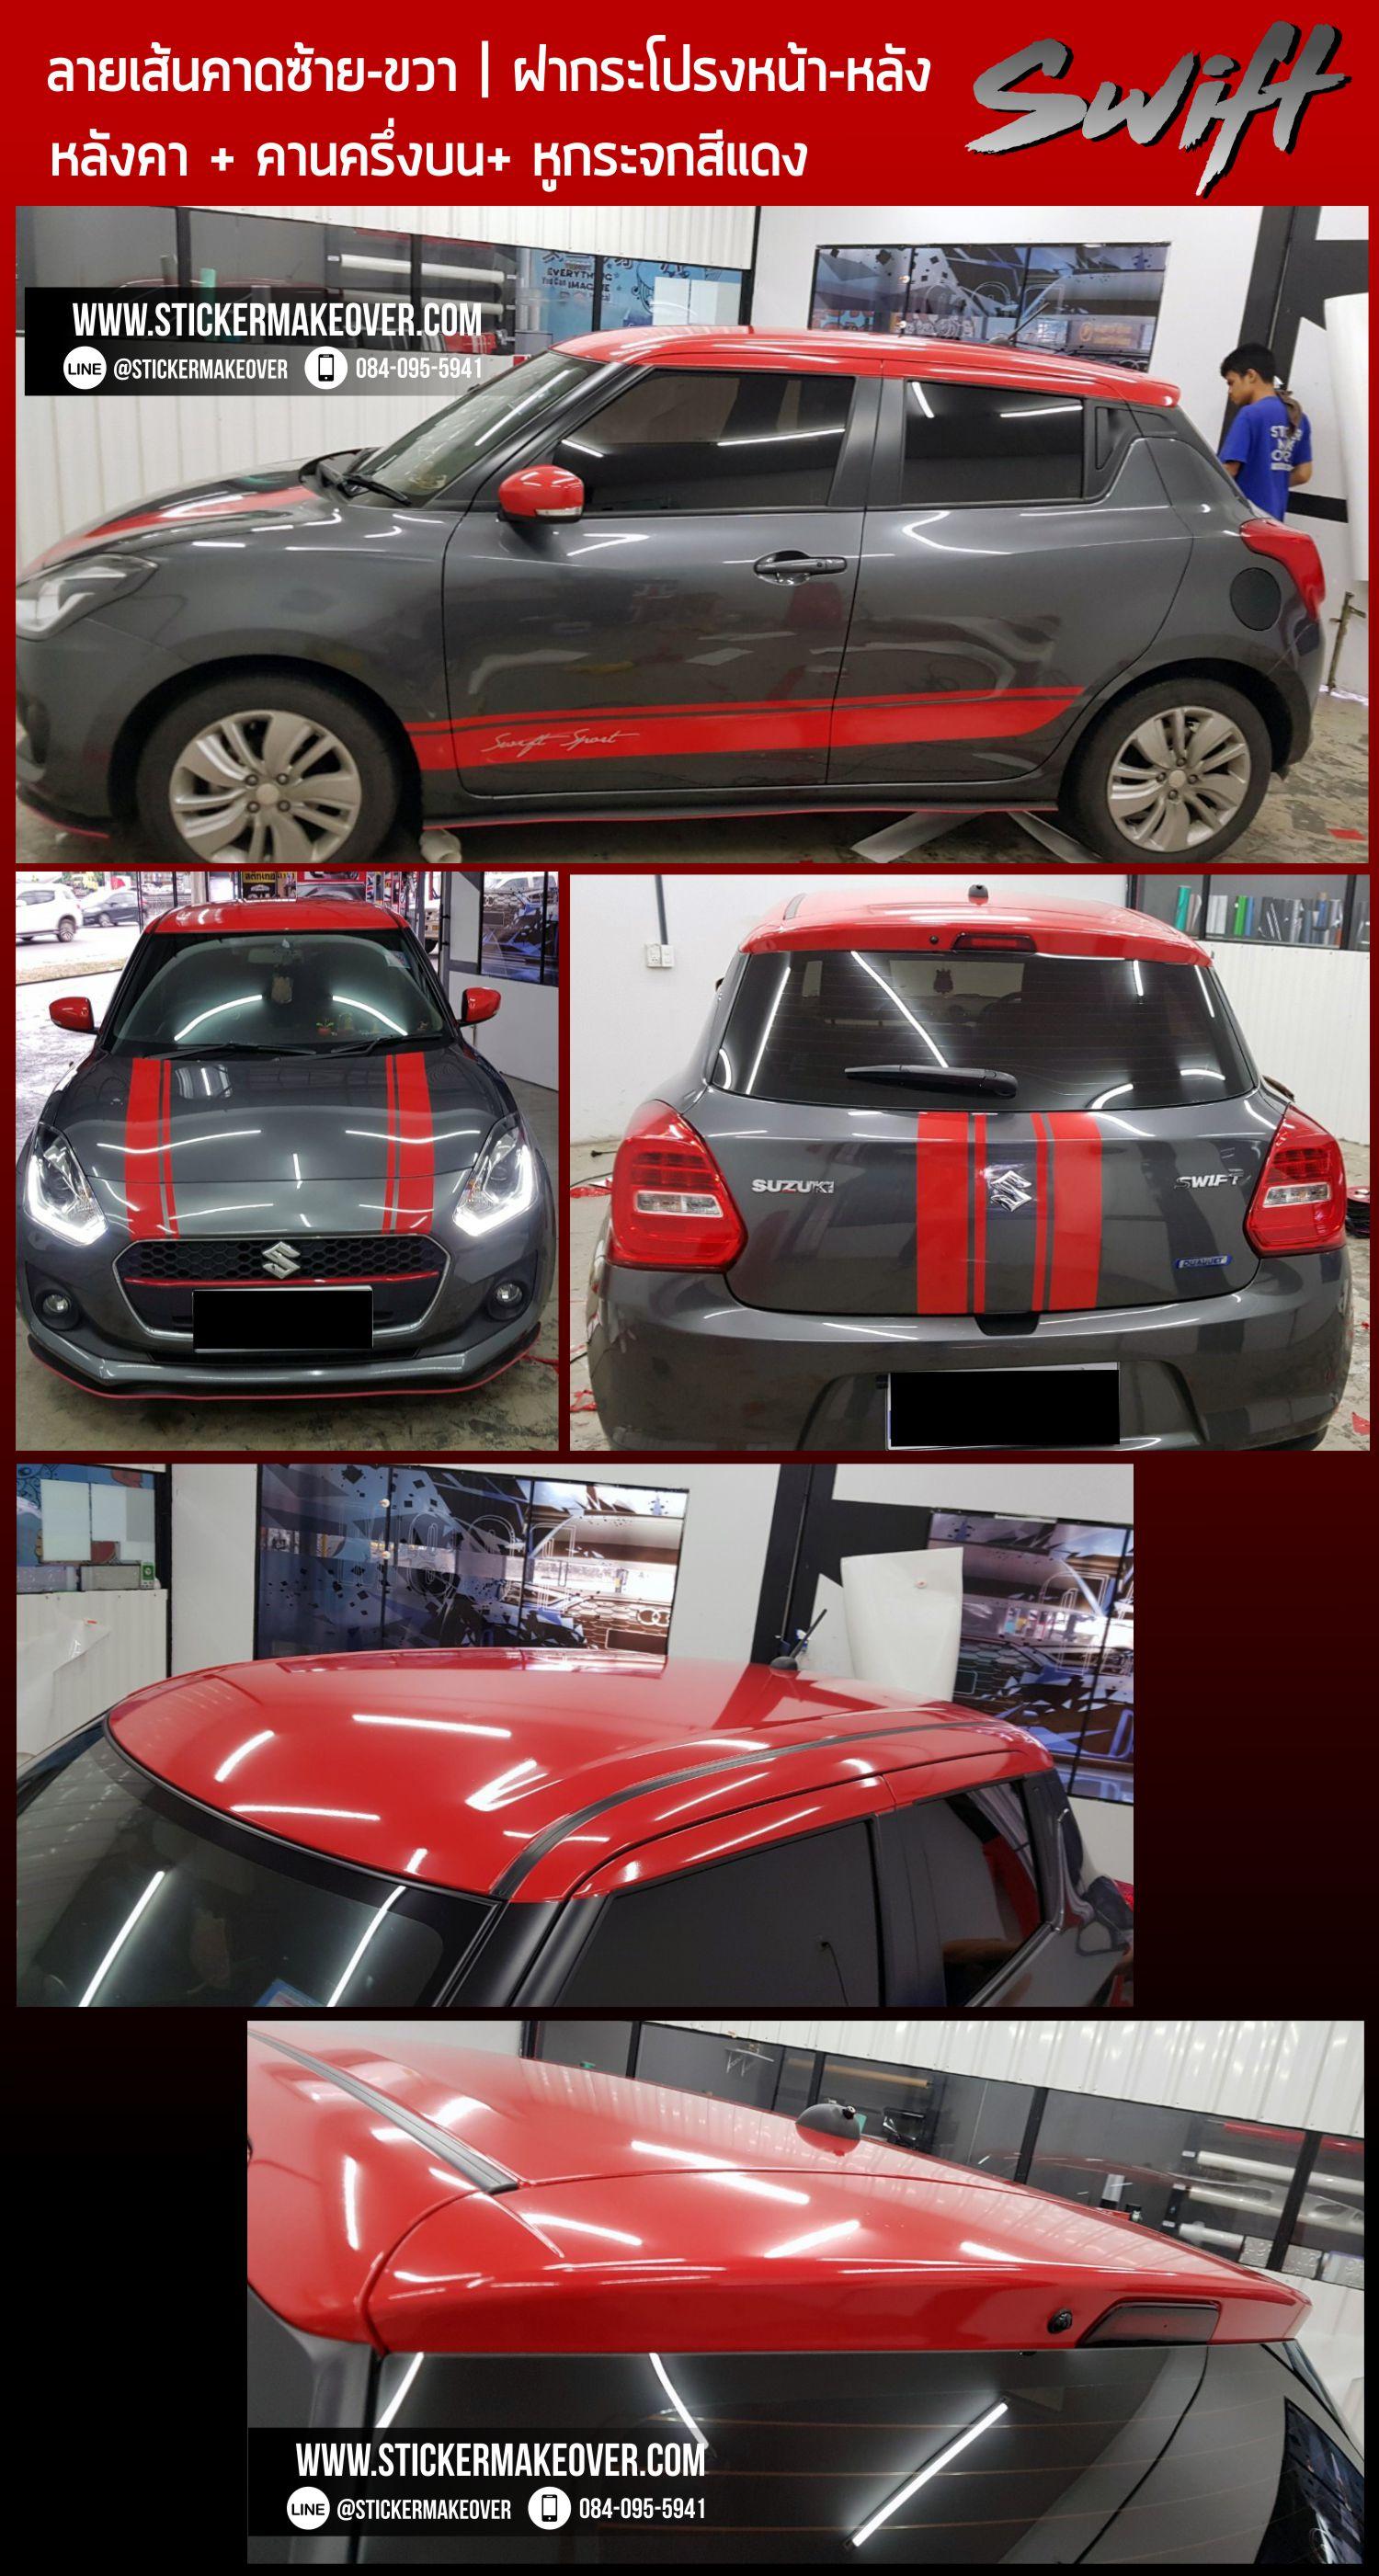 แต่งลายรถสติกเกอร์ Suzuki swift ซูซูกิสวิฟ   สวิฟแต่งสวย สติกเกอร์หลังคา Suzuki swift ซูซูกิสวิฟ   หุ้มหูกระจก Suzuki swift ซูซูกิสวิฟ หุ้มหูกระจกธงอังกฤษ Suzuki swift ซูซูกิสวิฟ  ลายหุ้มหูกระจก Suzuki swift ซูซูกิสวิฟ แต่งลายรถนนทบุรี สติกเกอร์ติดรถลายการ์ตูน  หลังคาธงอังกฤษ หูกระจกธงอังกฤษ หุ้มสติกเกอร์เปลี่ยนสีรถ หุ้มหูกระจก Suzuki swift ซูซูกิสวิฟ แต่งลายรถนนทบุรี  ร้านสติกเกอร์แถวนนทบุรี